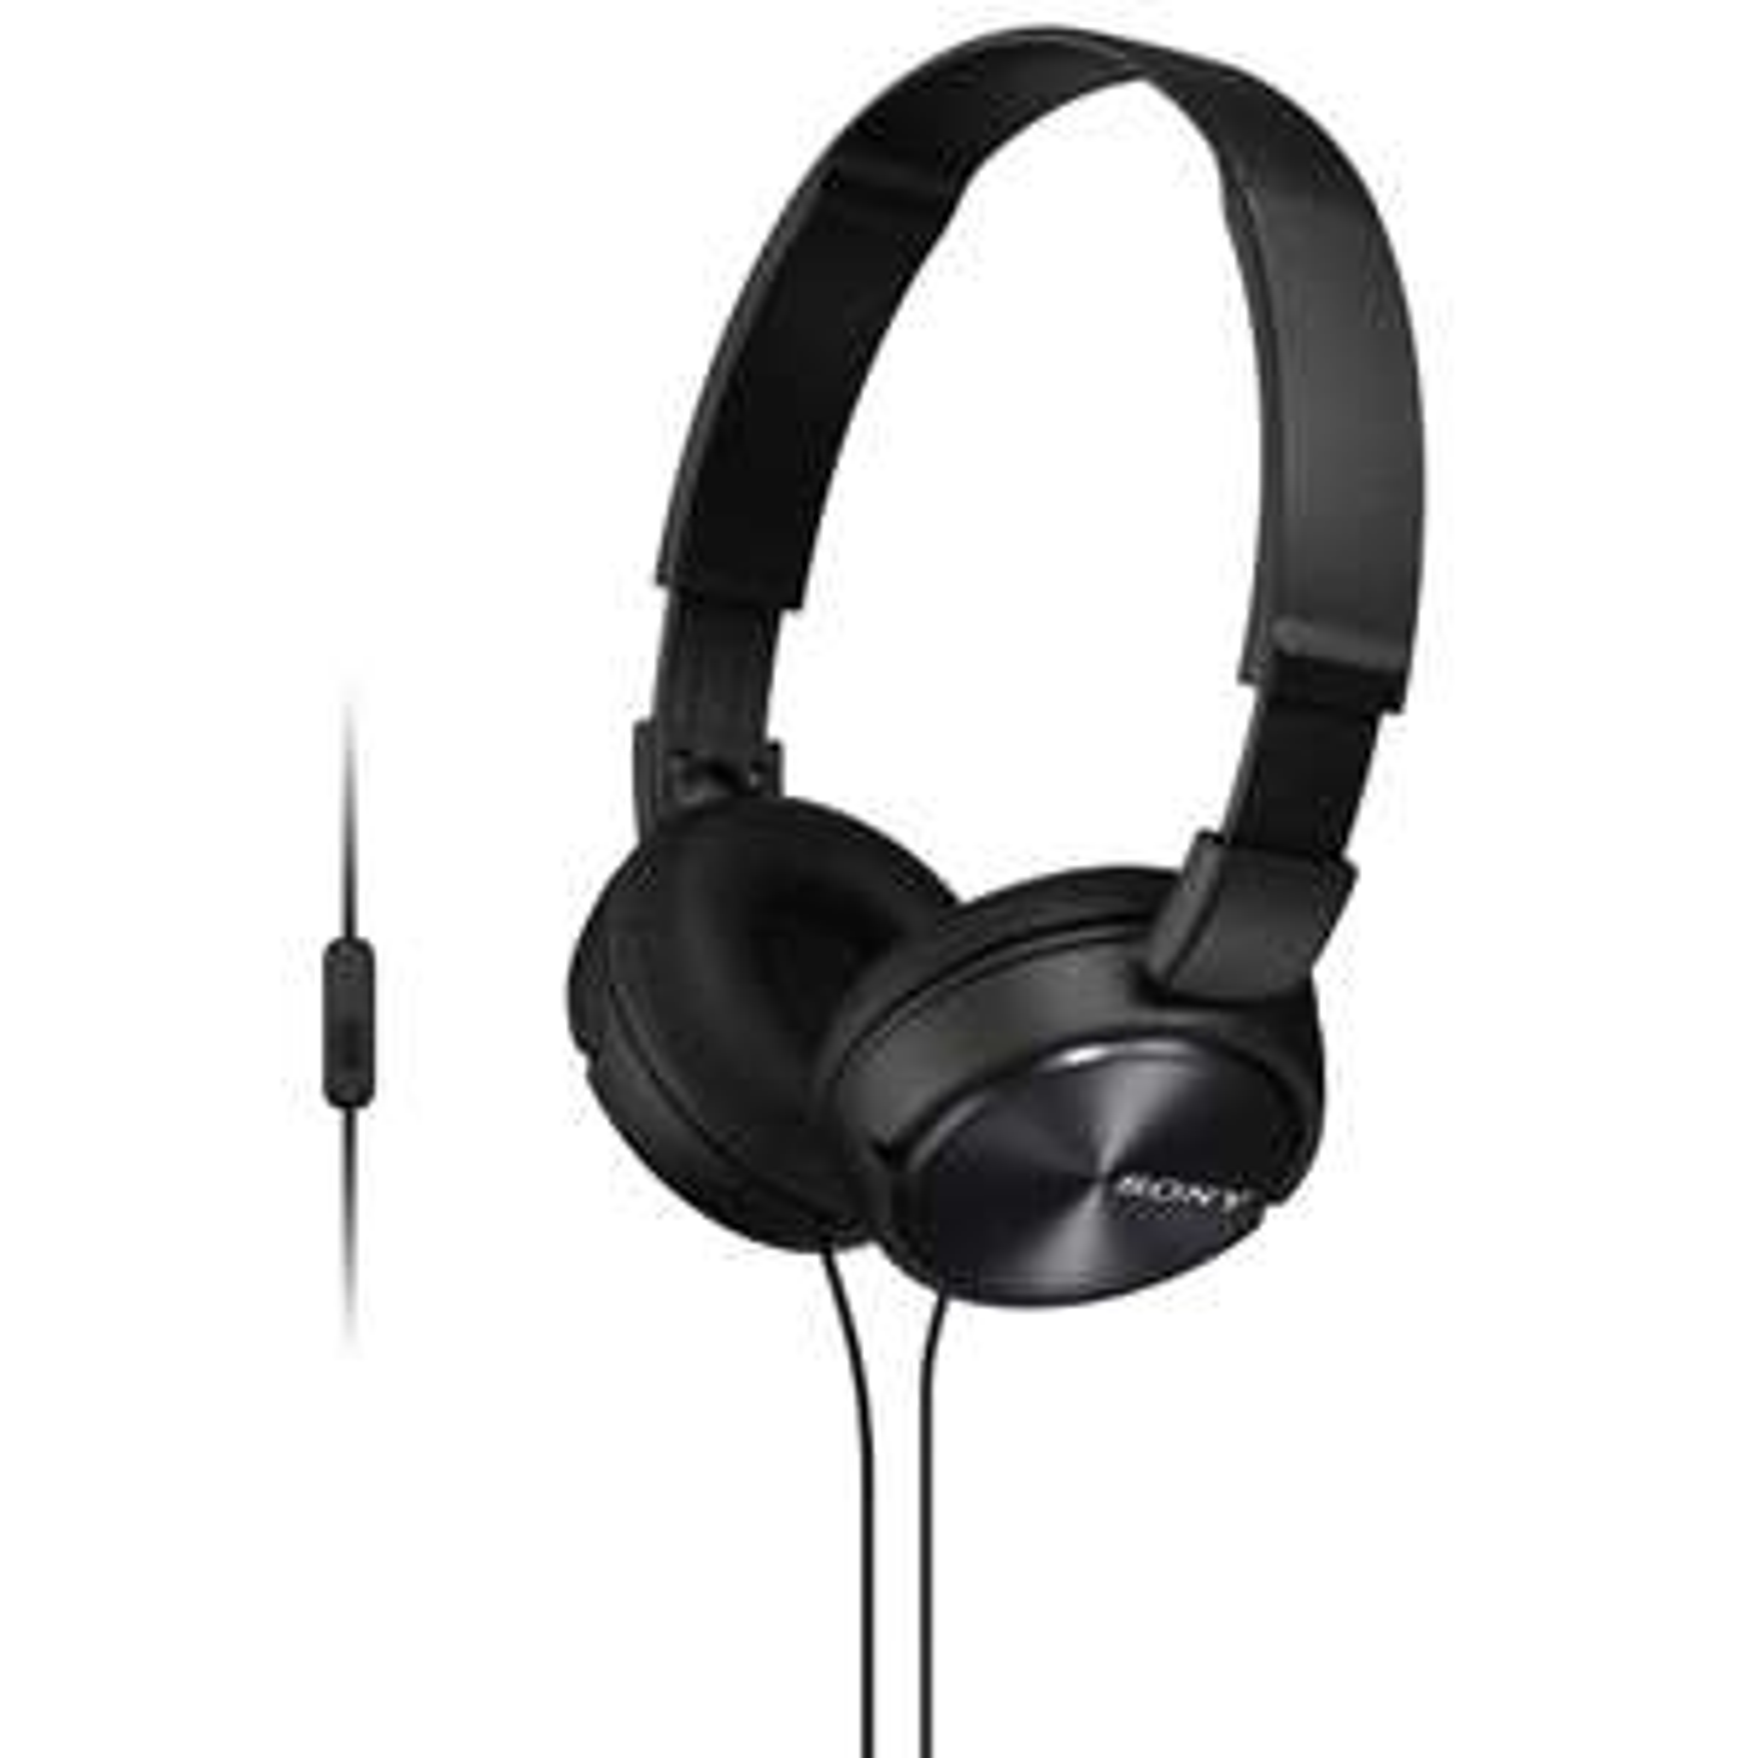 Słuchawki Sony nauszne MDR-ZX310 przewodowe